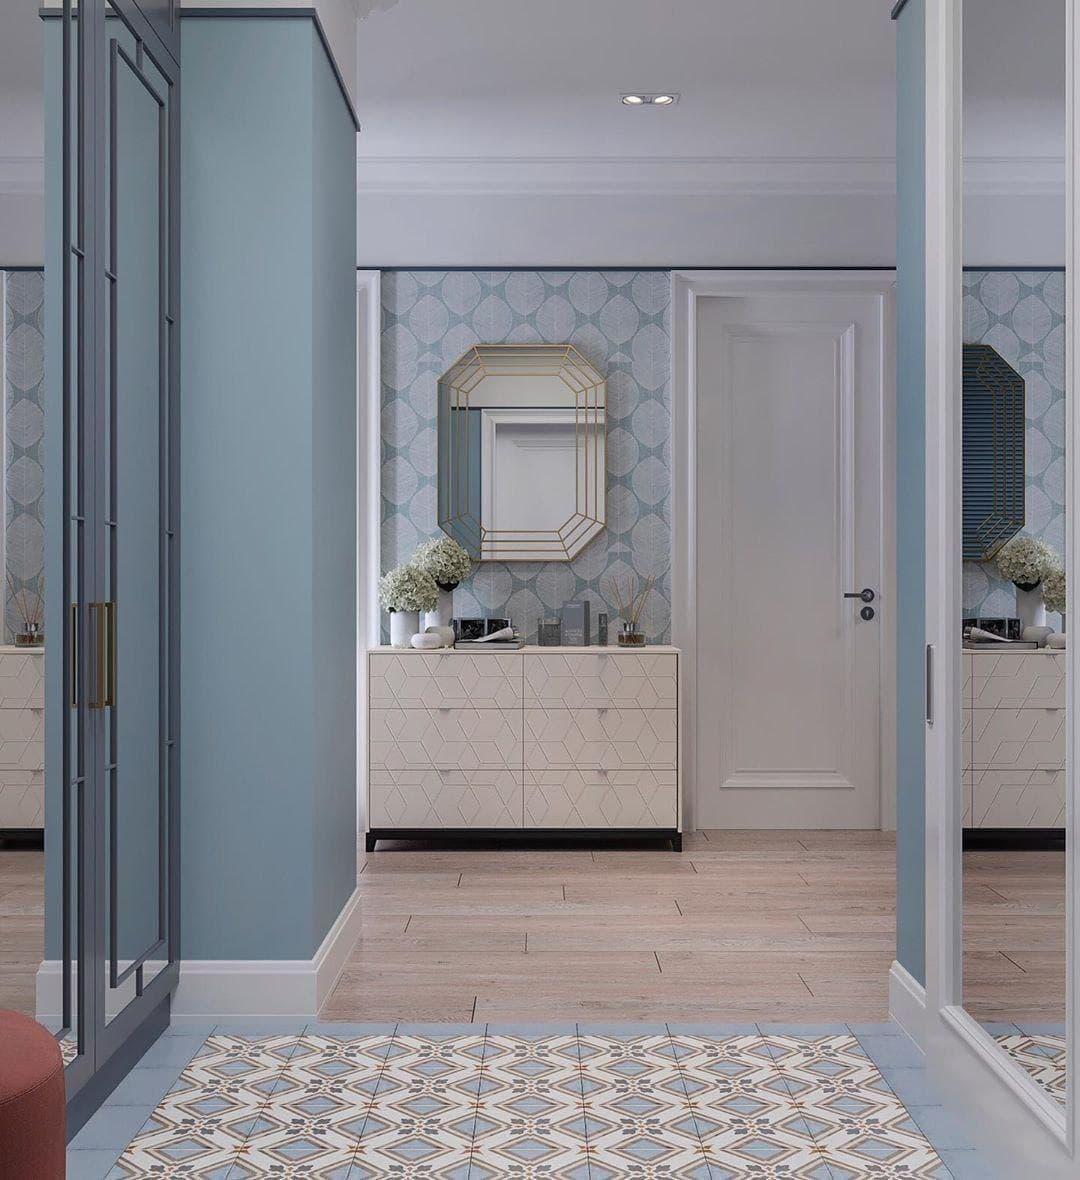 Голубая плитка в сочетании с цветом светлого дерева. Стены под покраску в цвет пола. Белые плинтуса зонируют пространство.